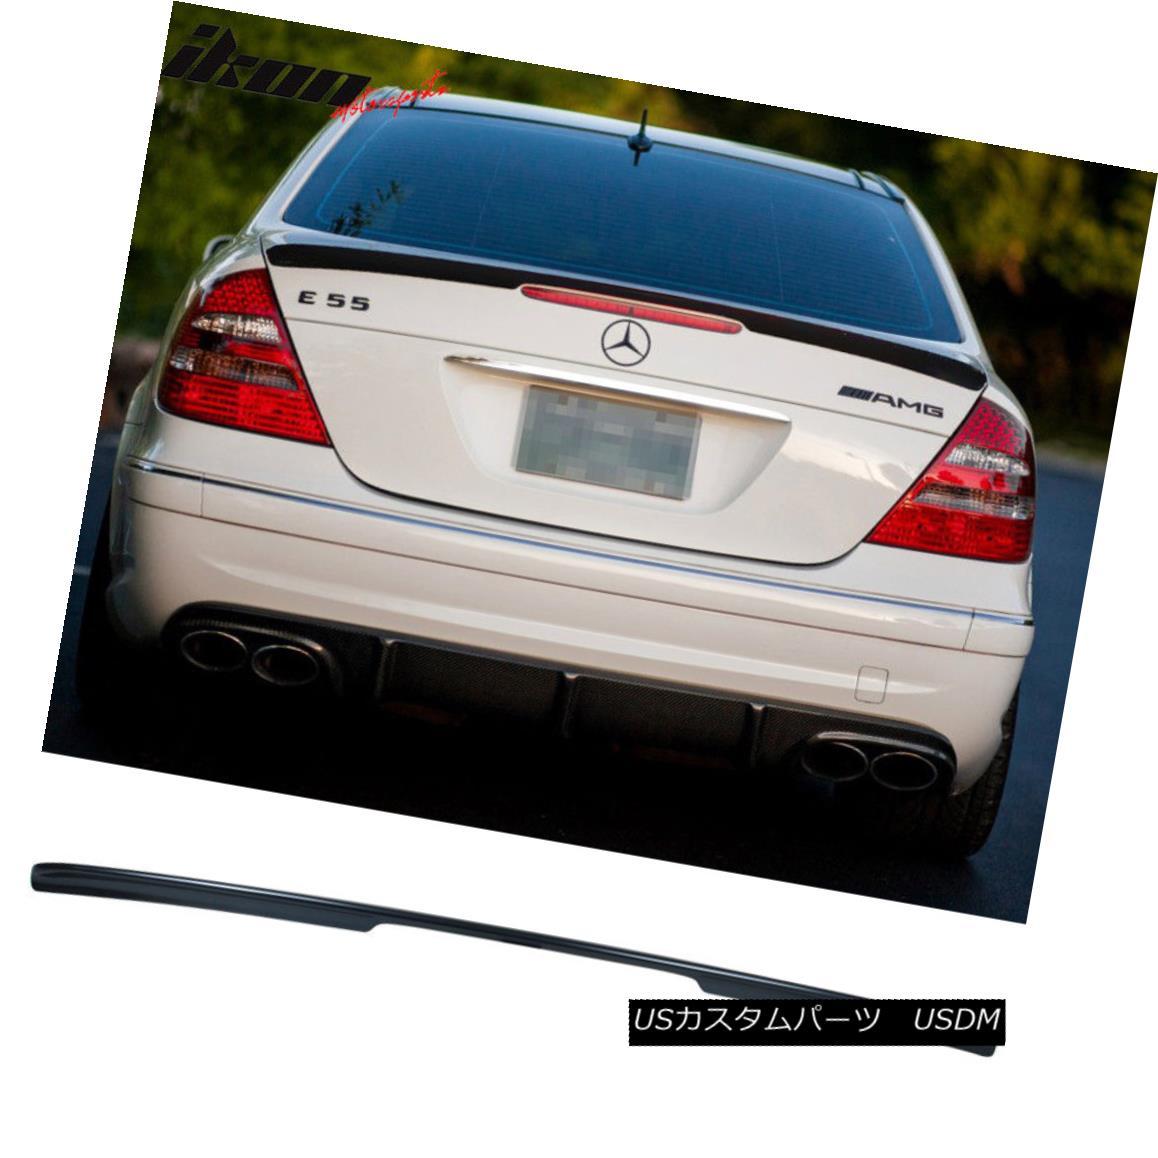 エアロパーツ Fits 03-09 E-Class W211 AMG Trunk Spoiler Wing Painted Flint Gray Metallic #368 フィット03-09 EクラスW211 AMGトランクスポイラーウイングペイントフリントグレーメタリック#368